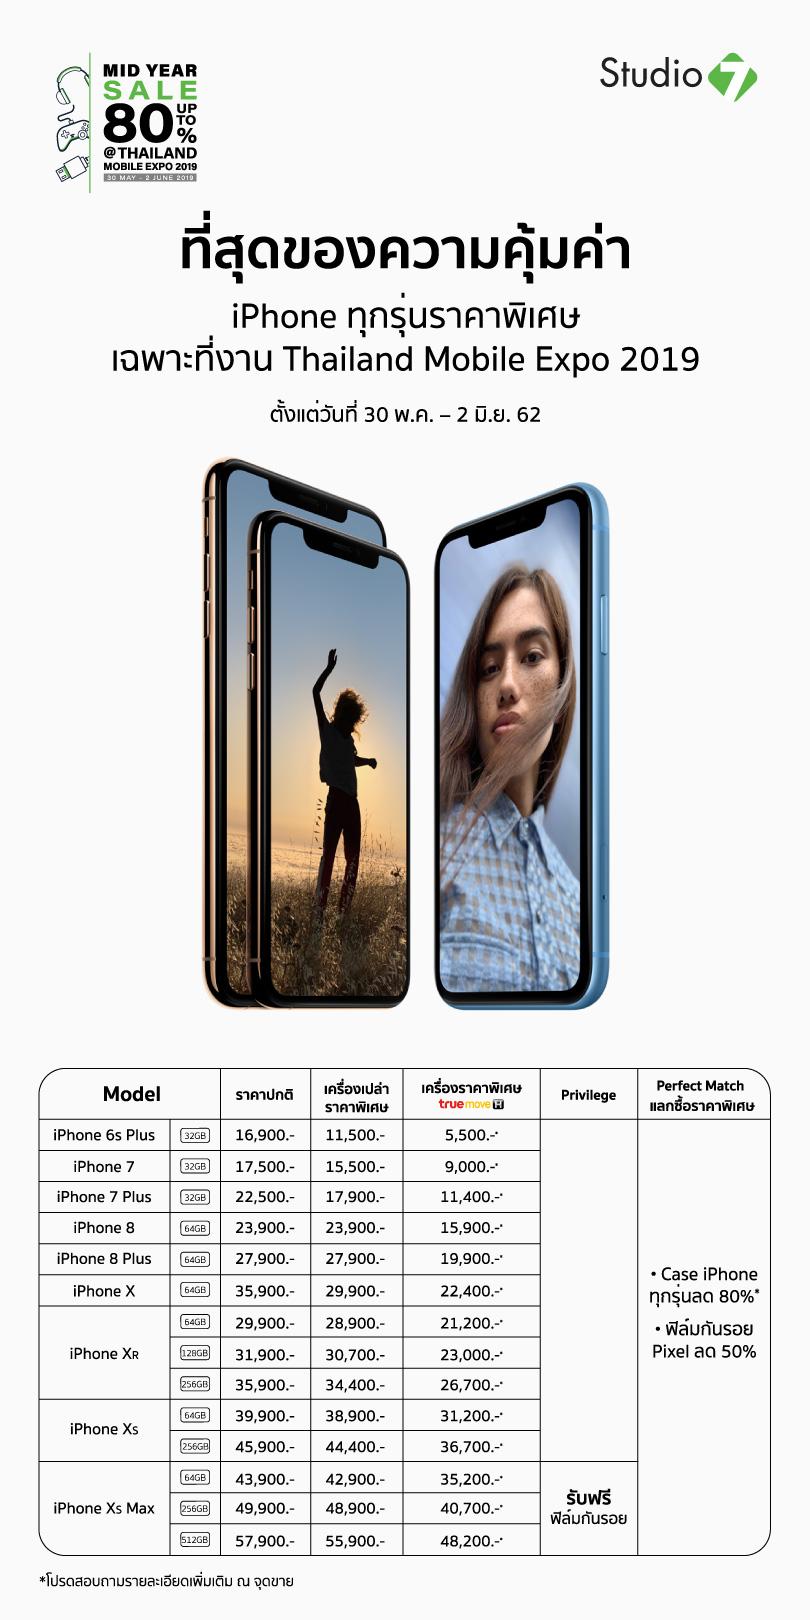 iPhone TME 2019 Studio 7